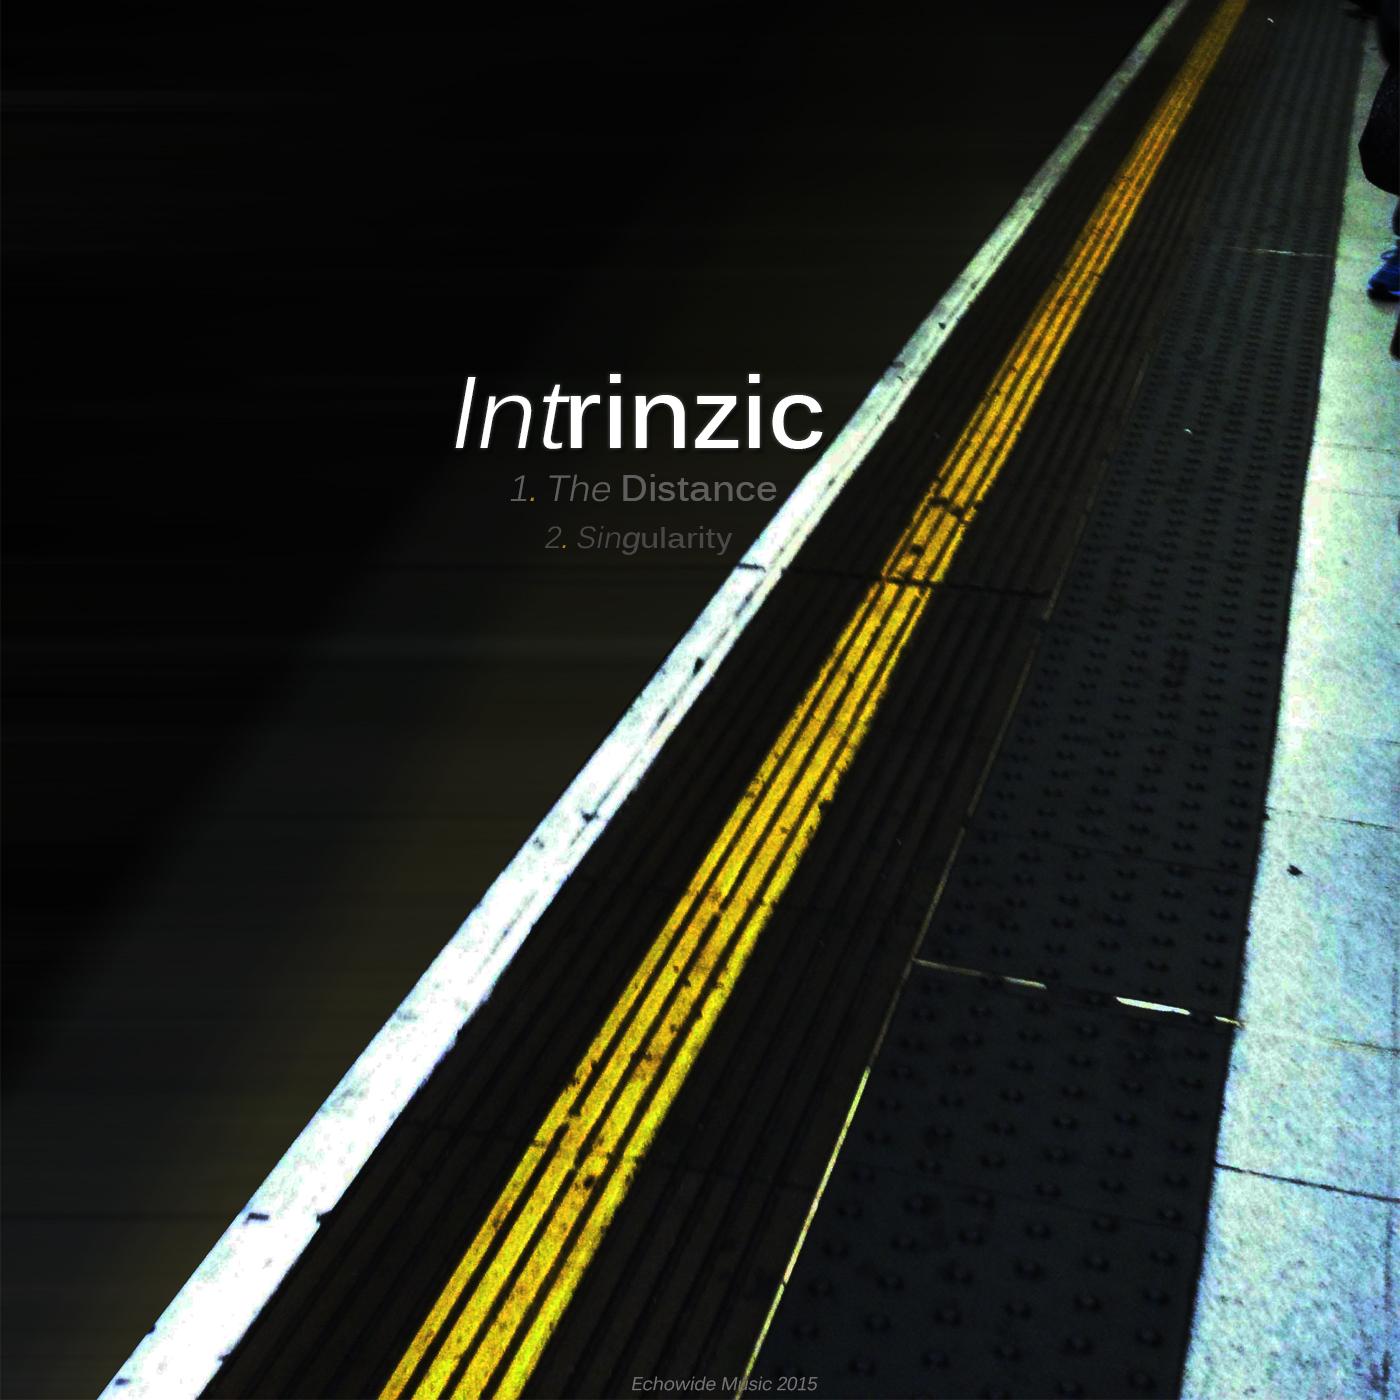 Intrinzic